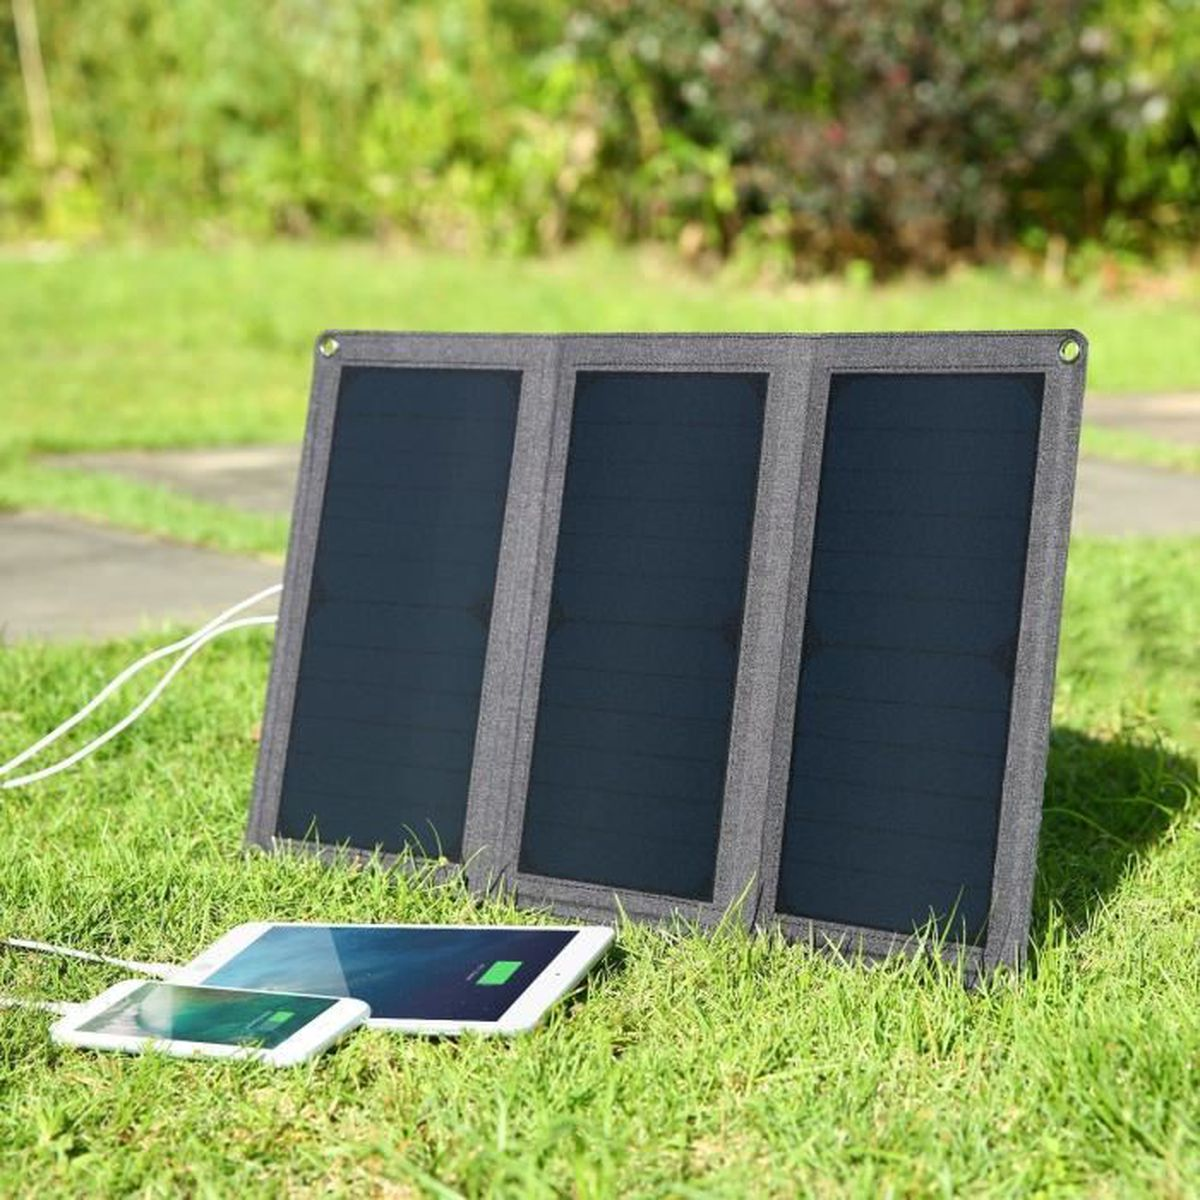 KIT CHARGEUR Aukey Chargeur solaire avec 21 W et faltbaren Sunp